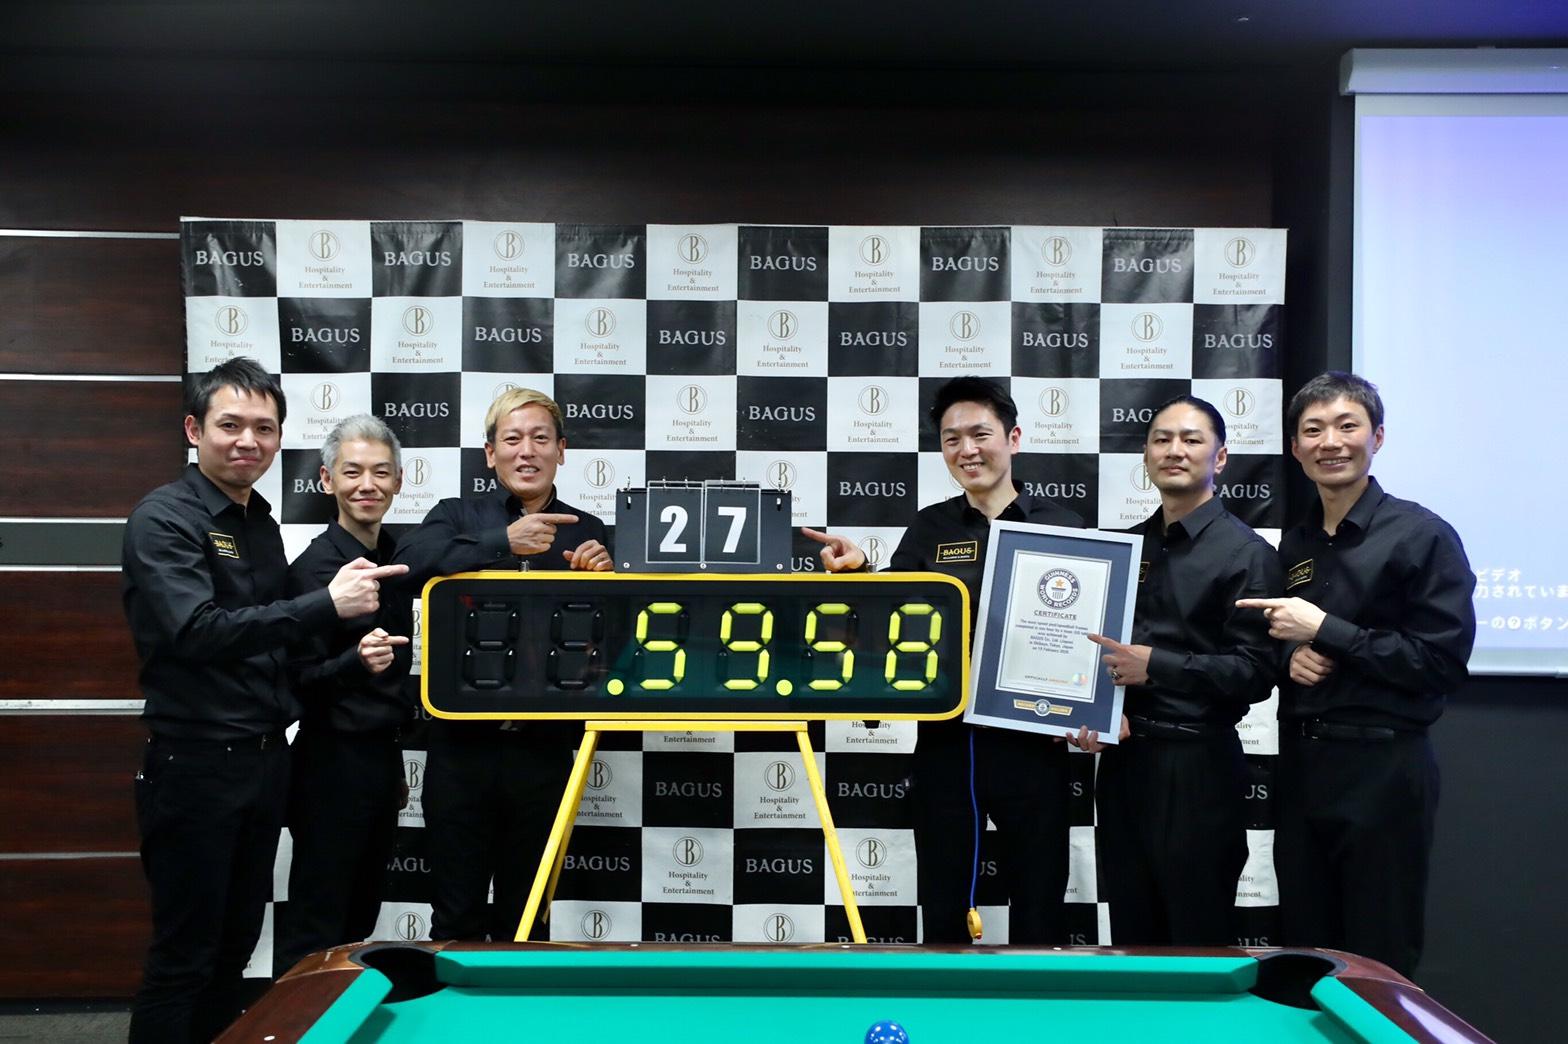 BAGUSがスピードプール(8ボール)で「ビリヤード・ギネス世界記録™」を達成!じゅんいちダビッドソン氏も出場し圧倒的なプレイを披露!